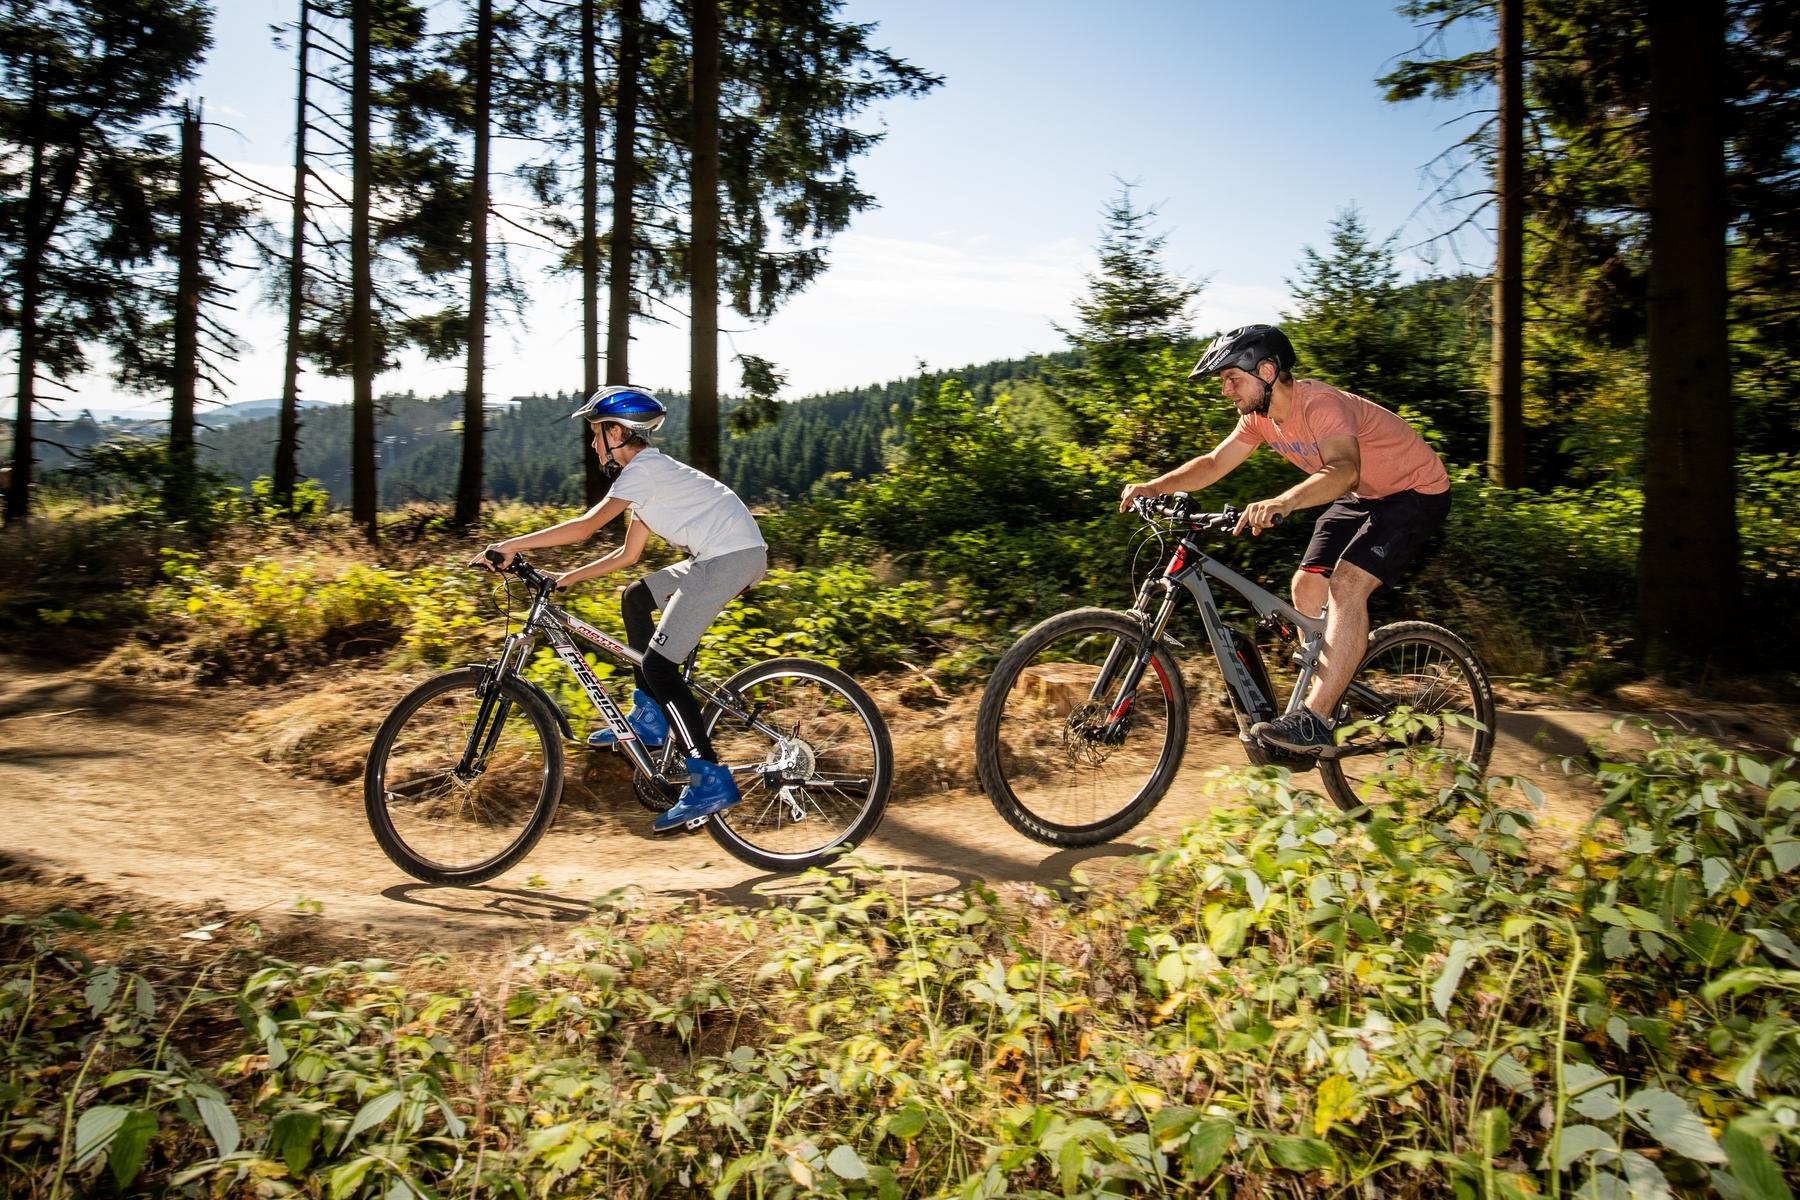 two men biking on a trail